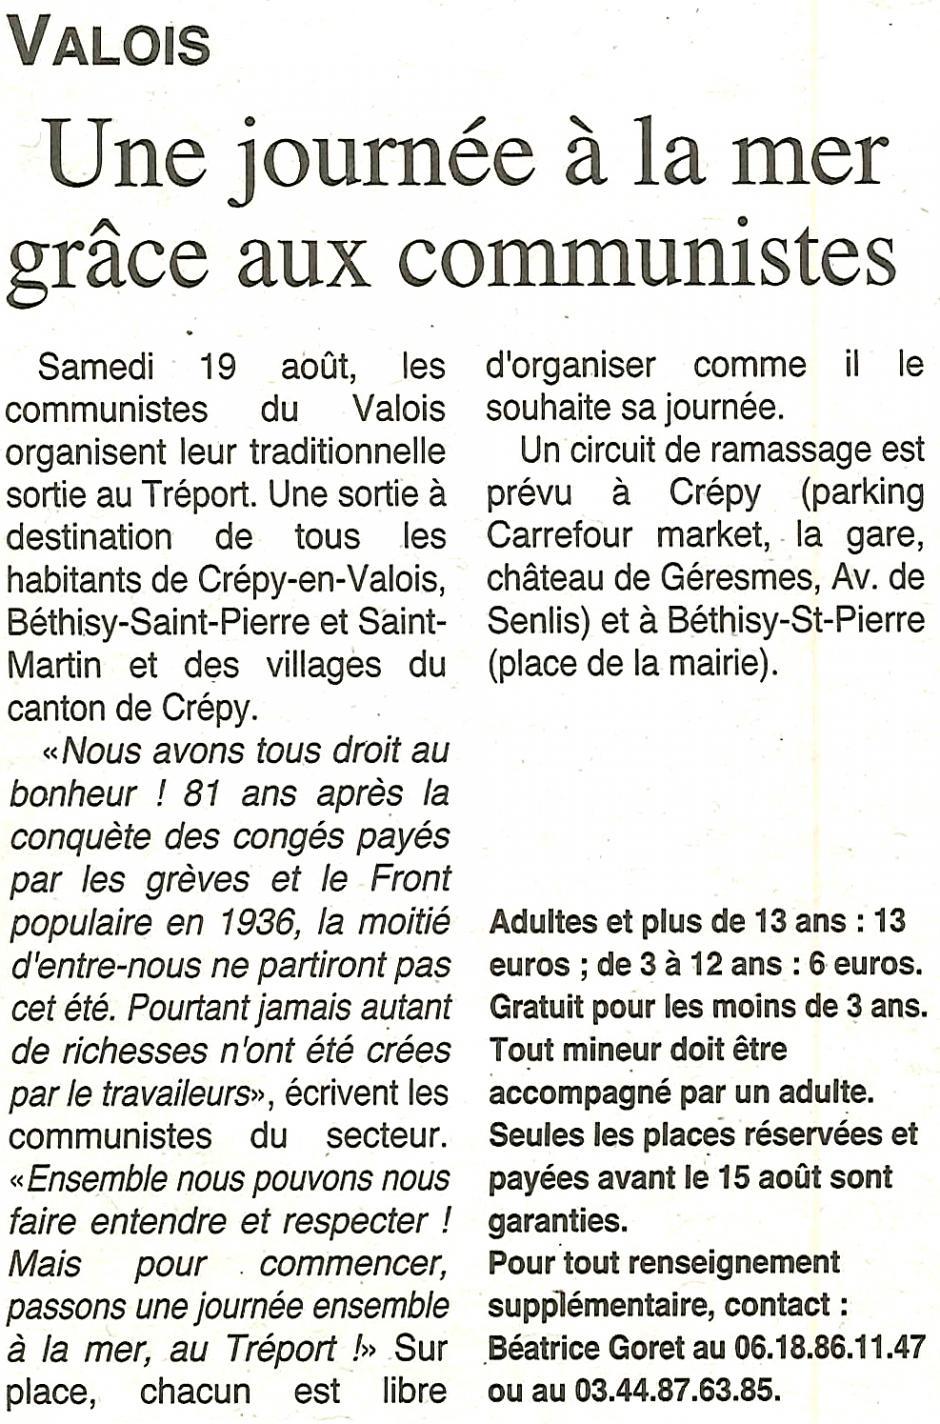 20170802-OH-Valois-Une journée à la mer grâce aux communistes